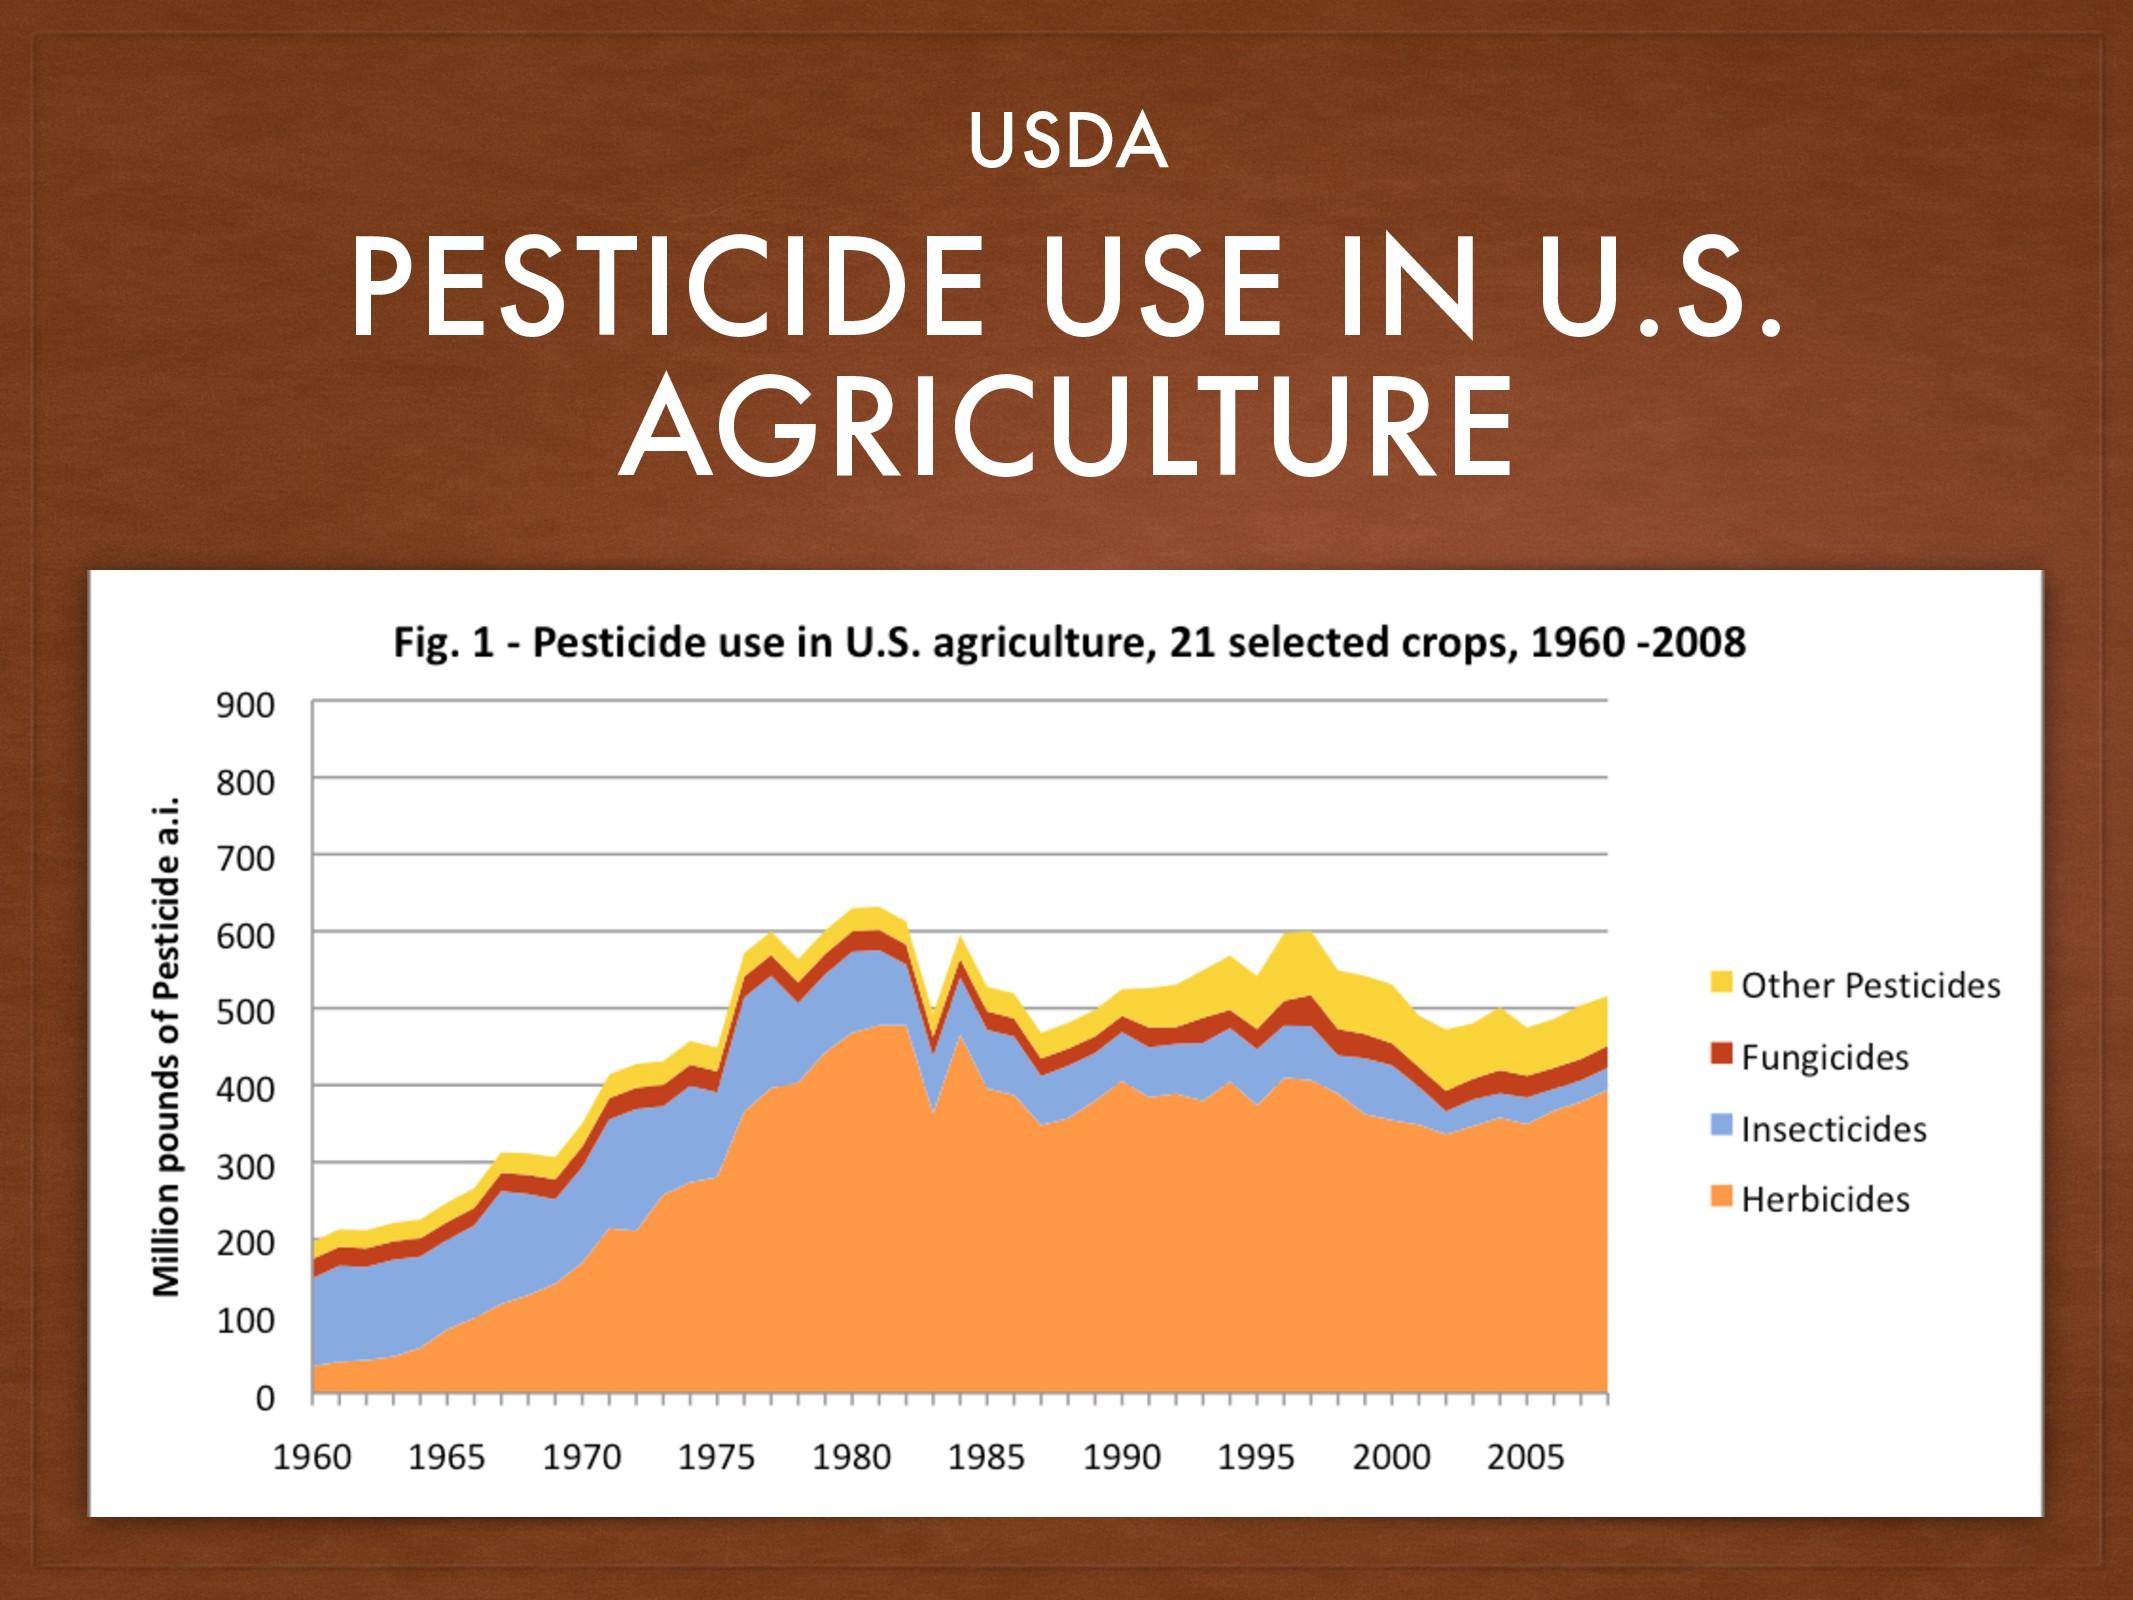 PESTICIDE USE IN U.S. AGRICULTURE USDA